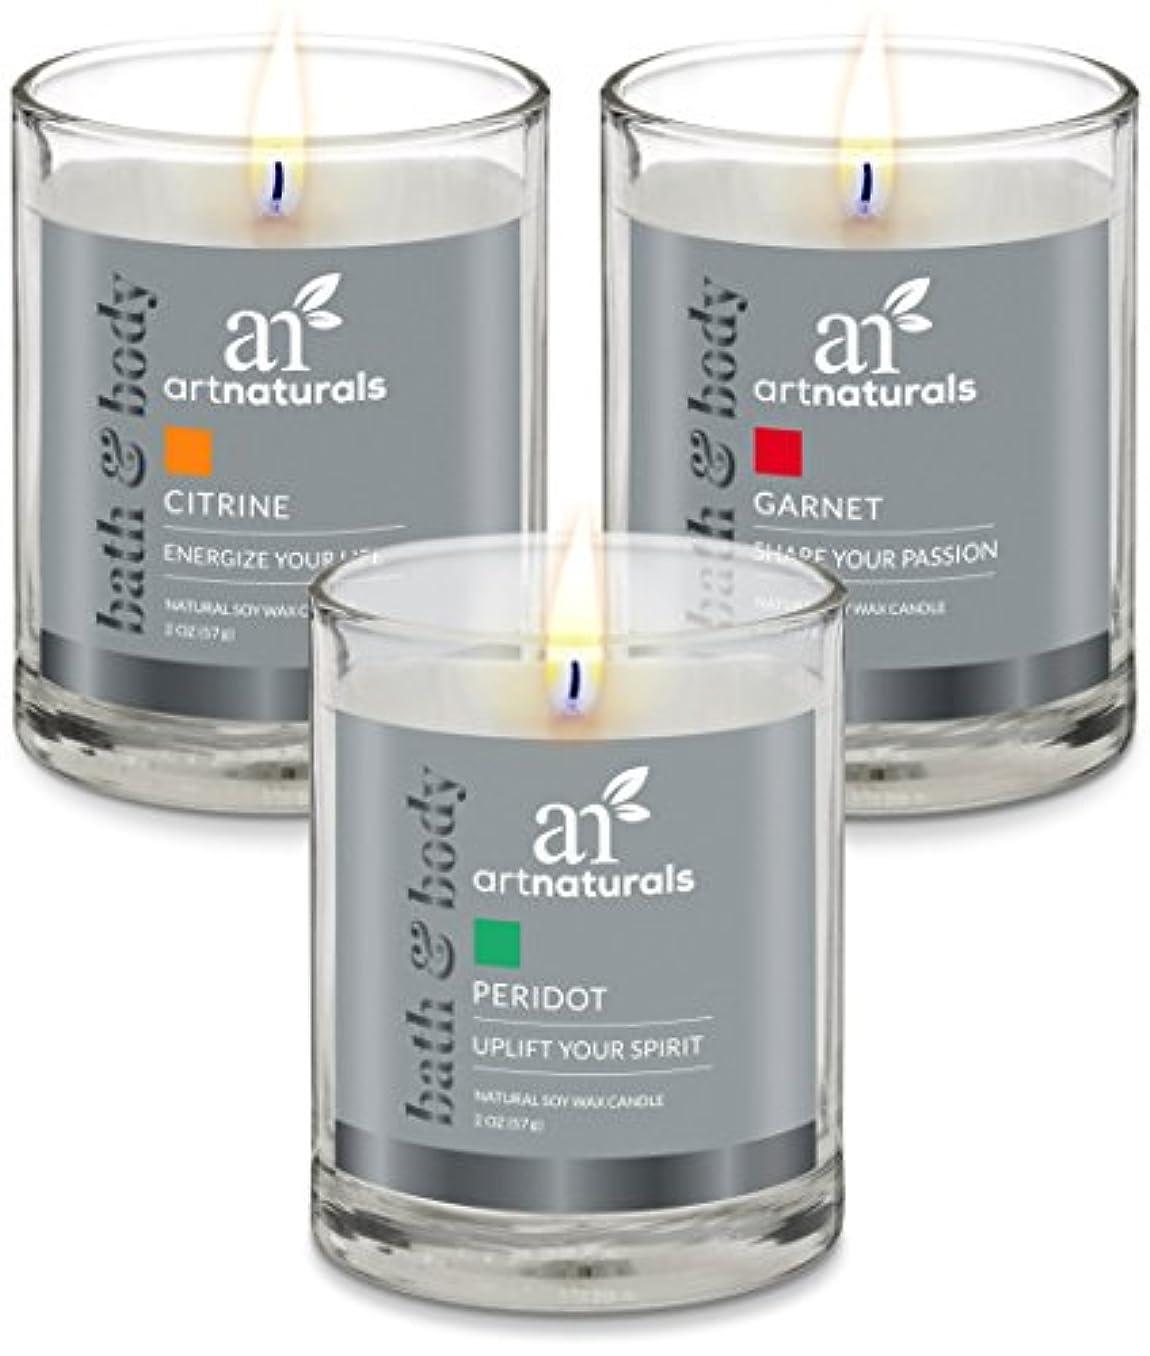 追放土約束するArtNaturals Scented Candle Gift Set – 6 PieceアロマセラピーのセットFragrance大豆ワックス – Made in USA with Essential Oils – For...